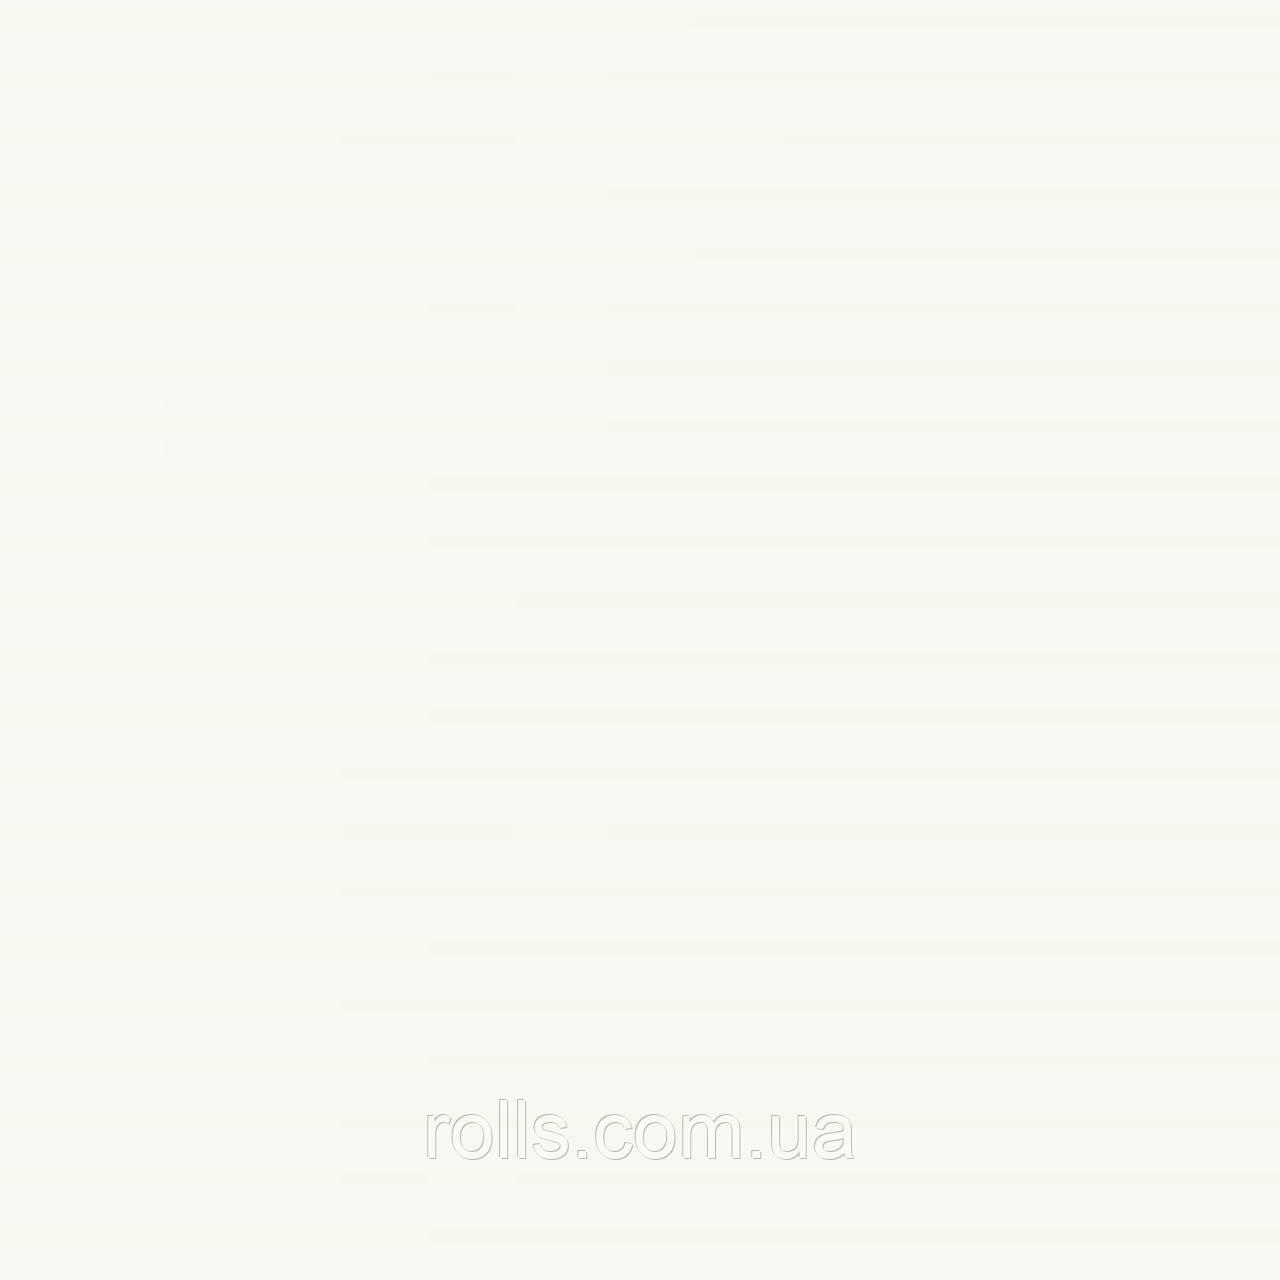 """Лист алюмінієвий плоский PREFALZ №17 REINWEISS """"БІЛИЙ ЧИСТИЙ"""" RAL9010 """"PURE WHITE"""" 0,7х1000х2000мм"""